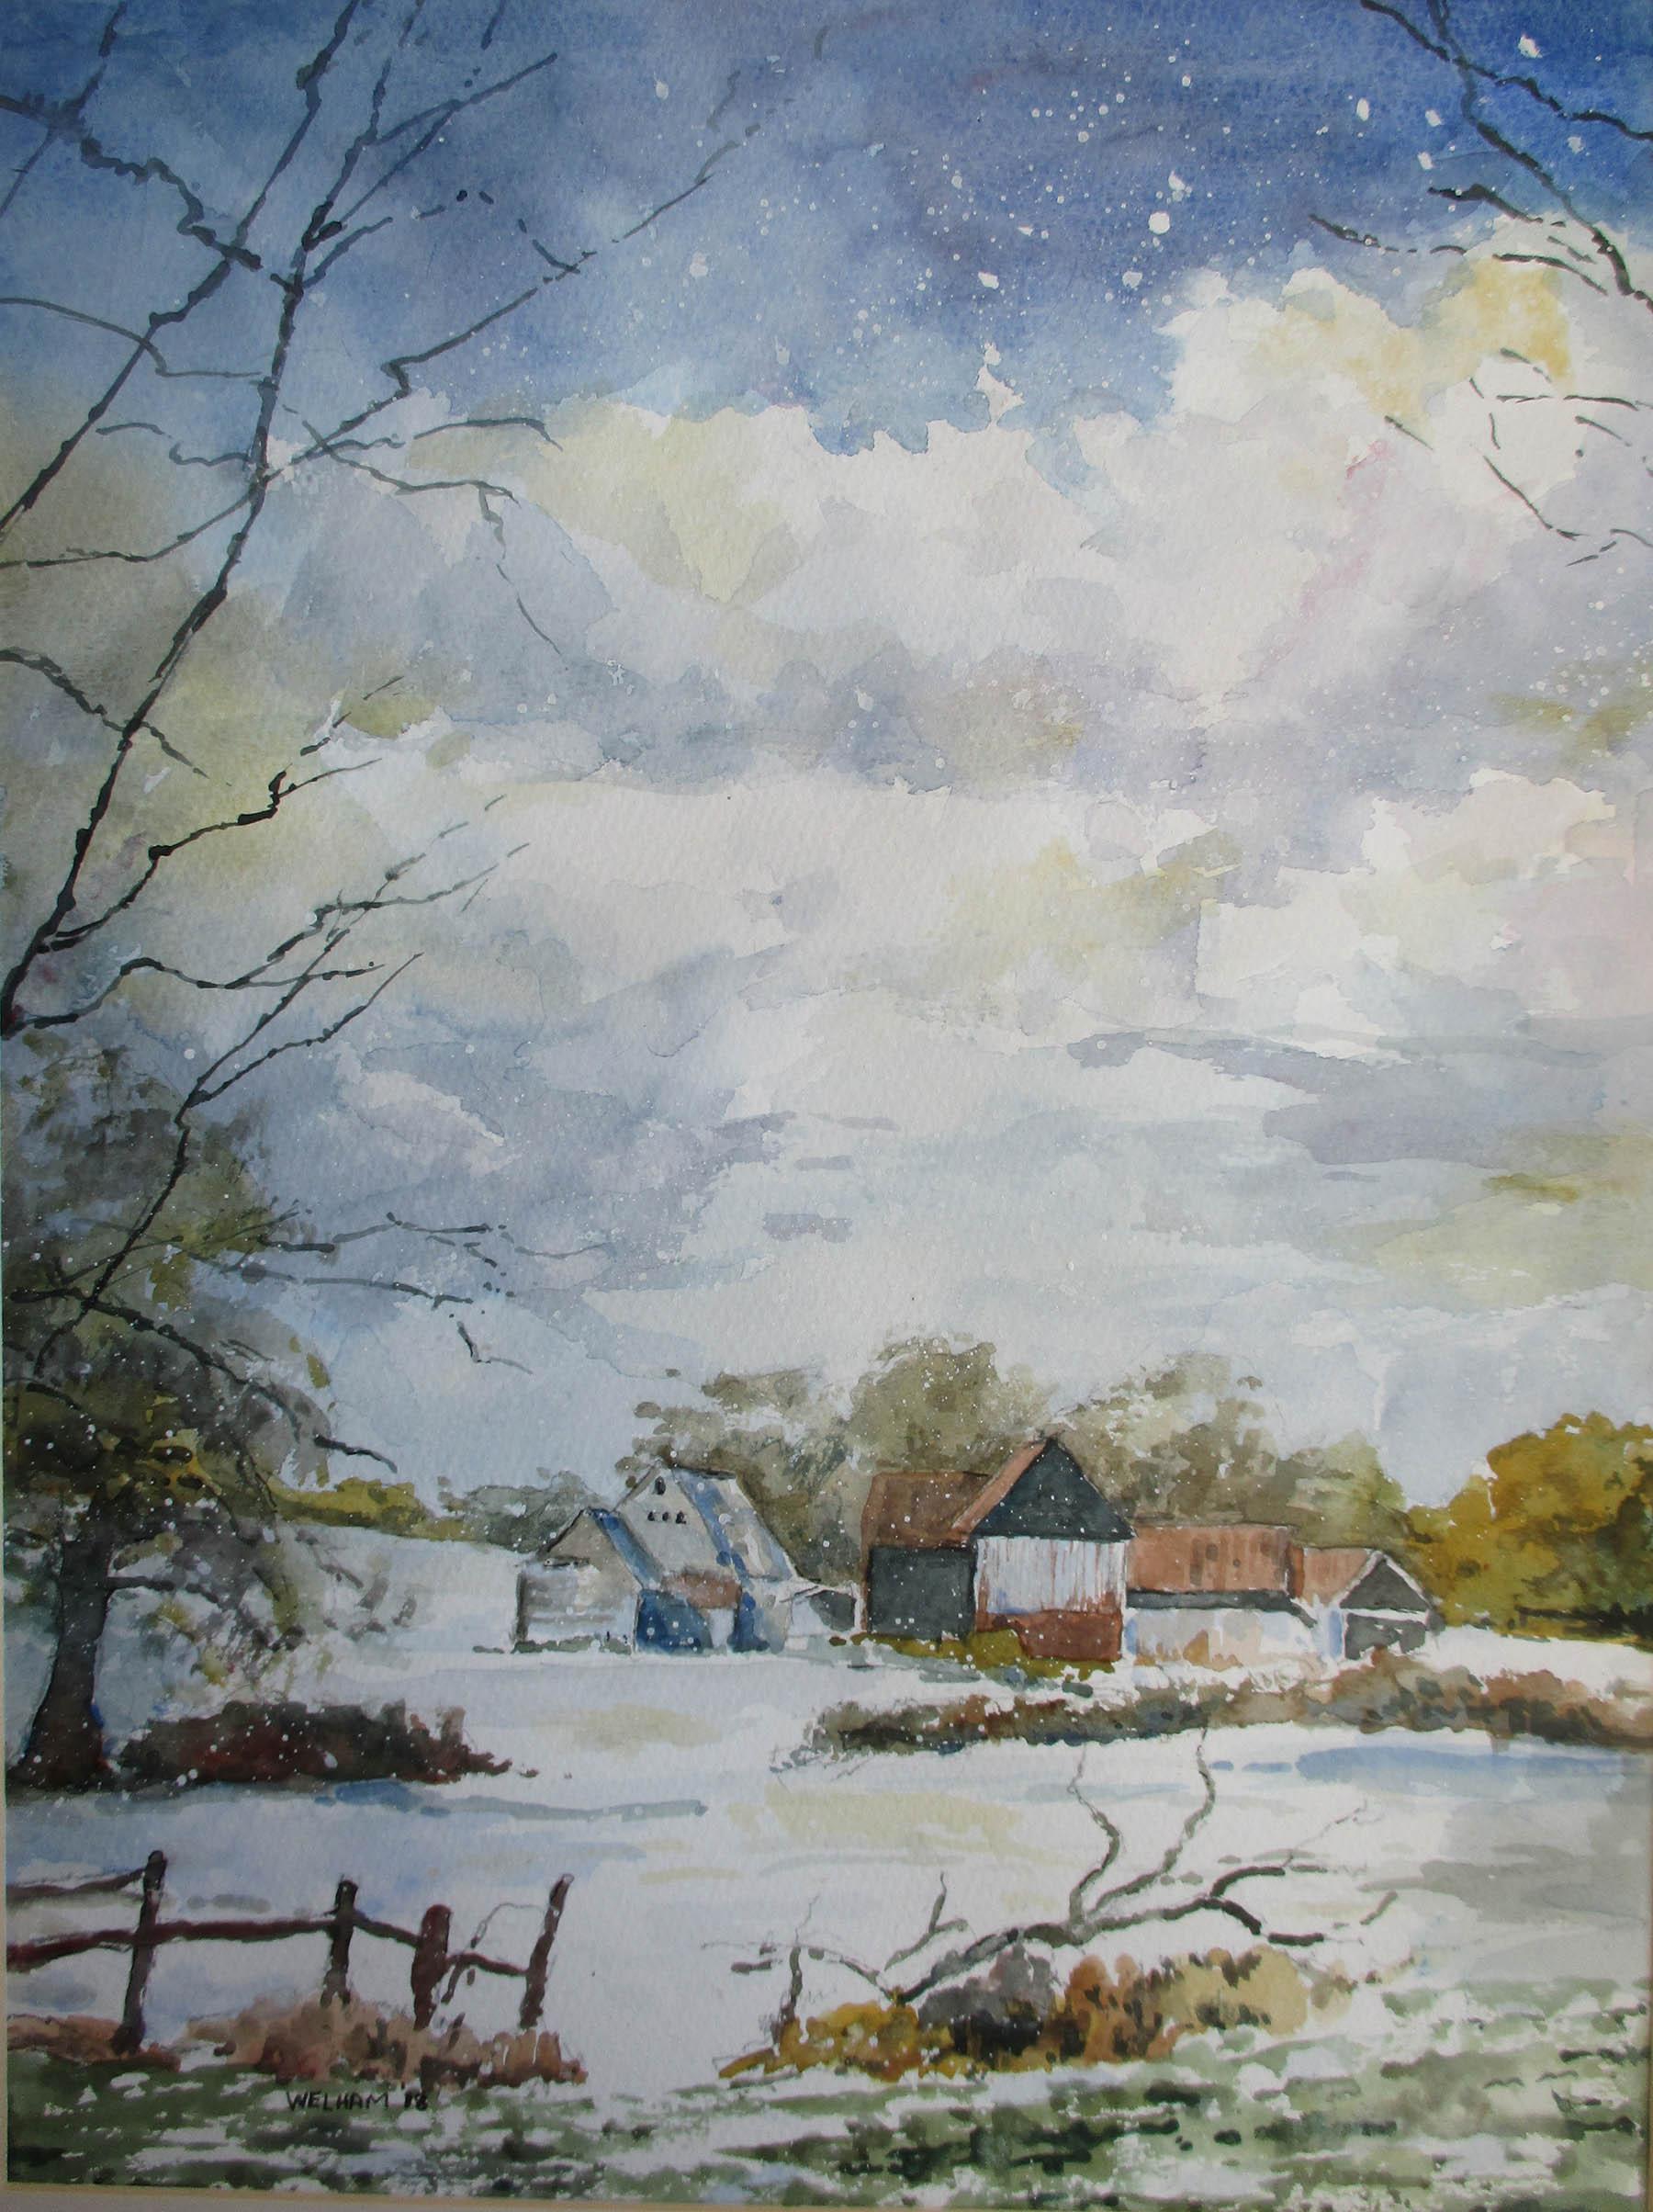 Near Hill House Wood, Snow Falls,  Watercolour, 40 x 30 cm